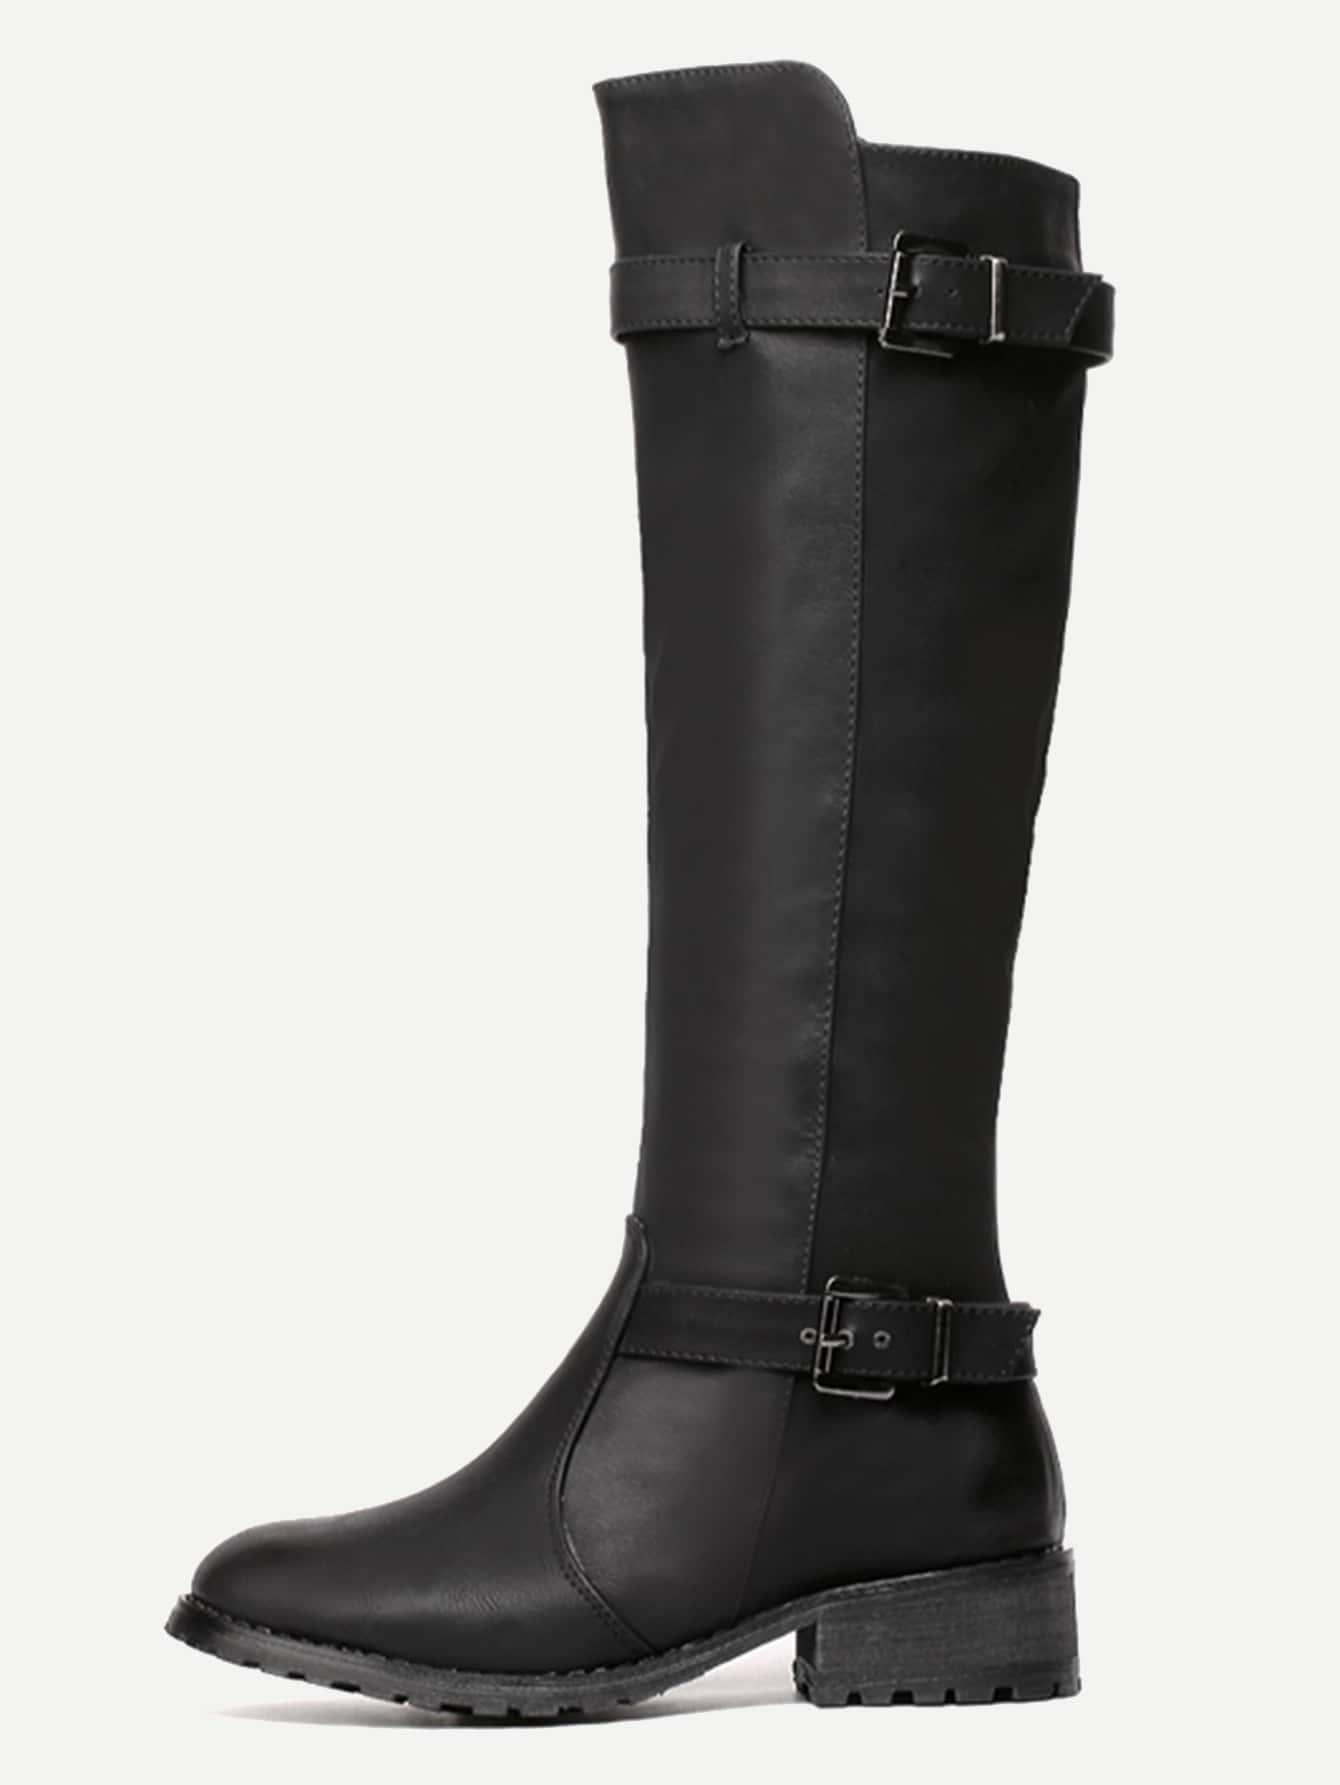 shoes161121803_2